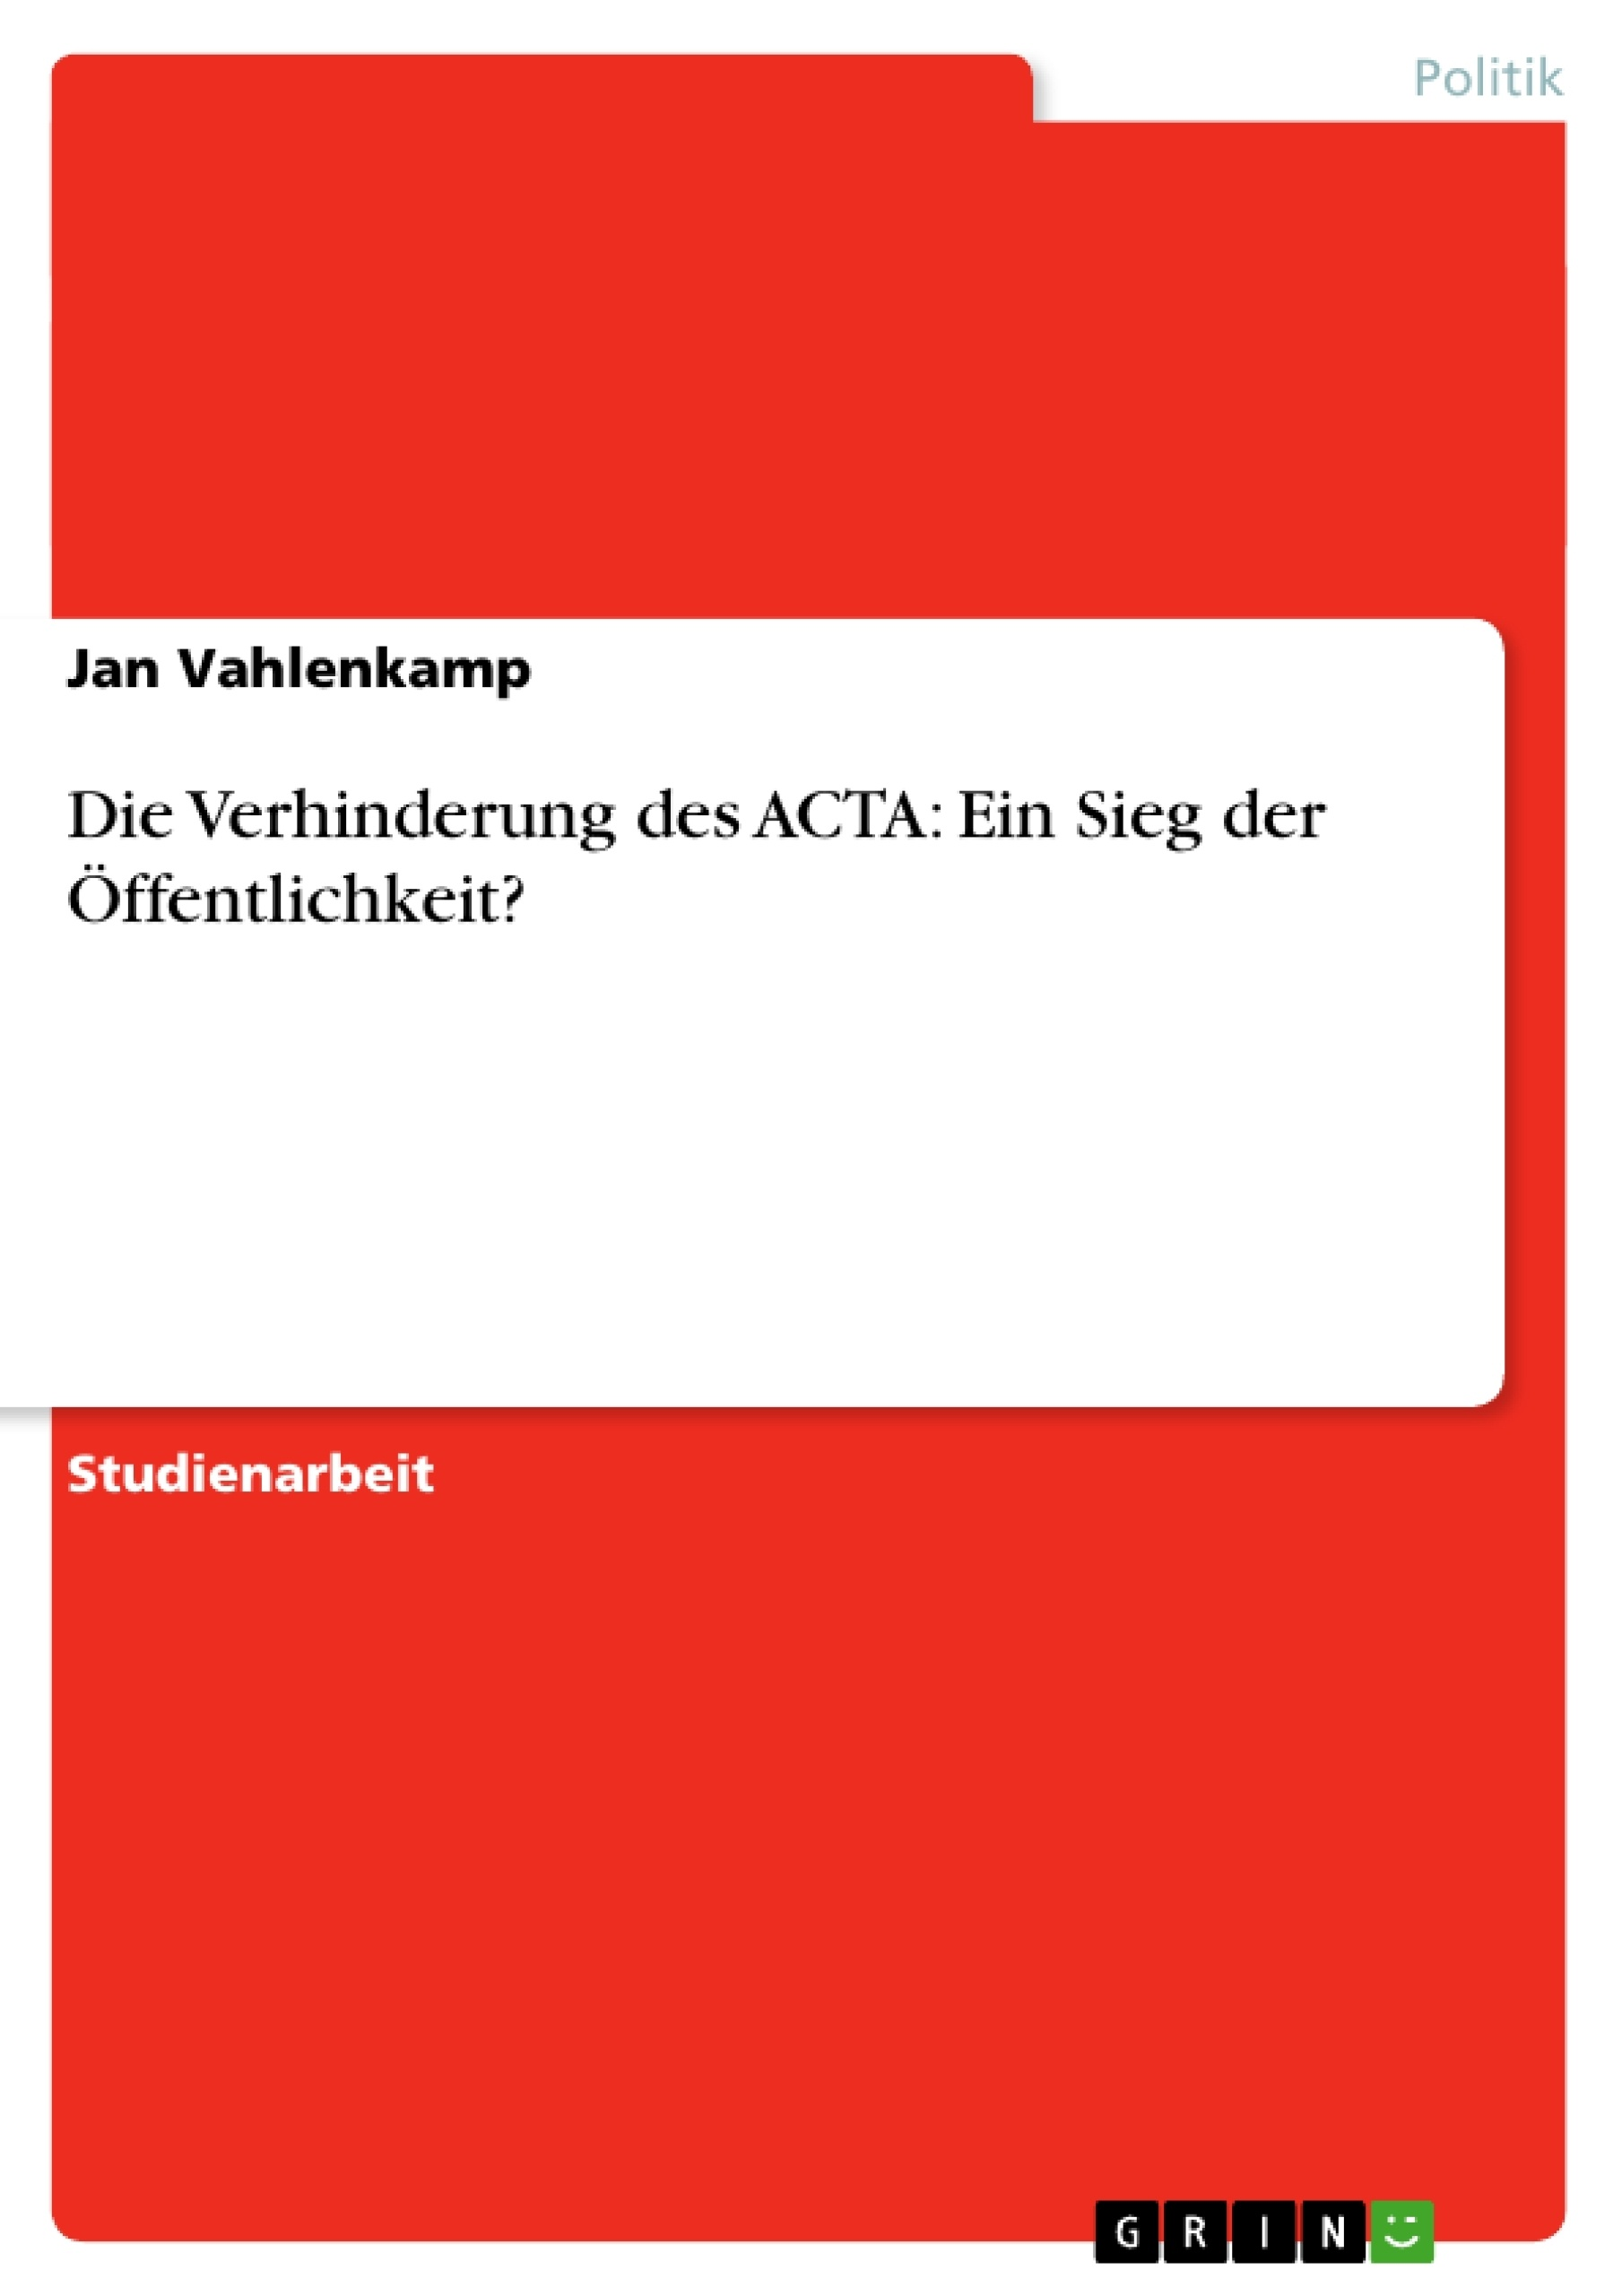 Titel: Die Verhinderung des ACTA: Ein Sieg der Öffentlichkeit?